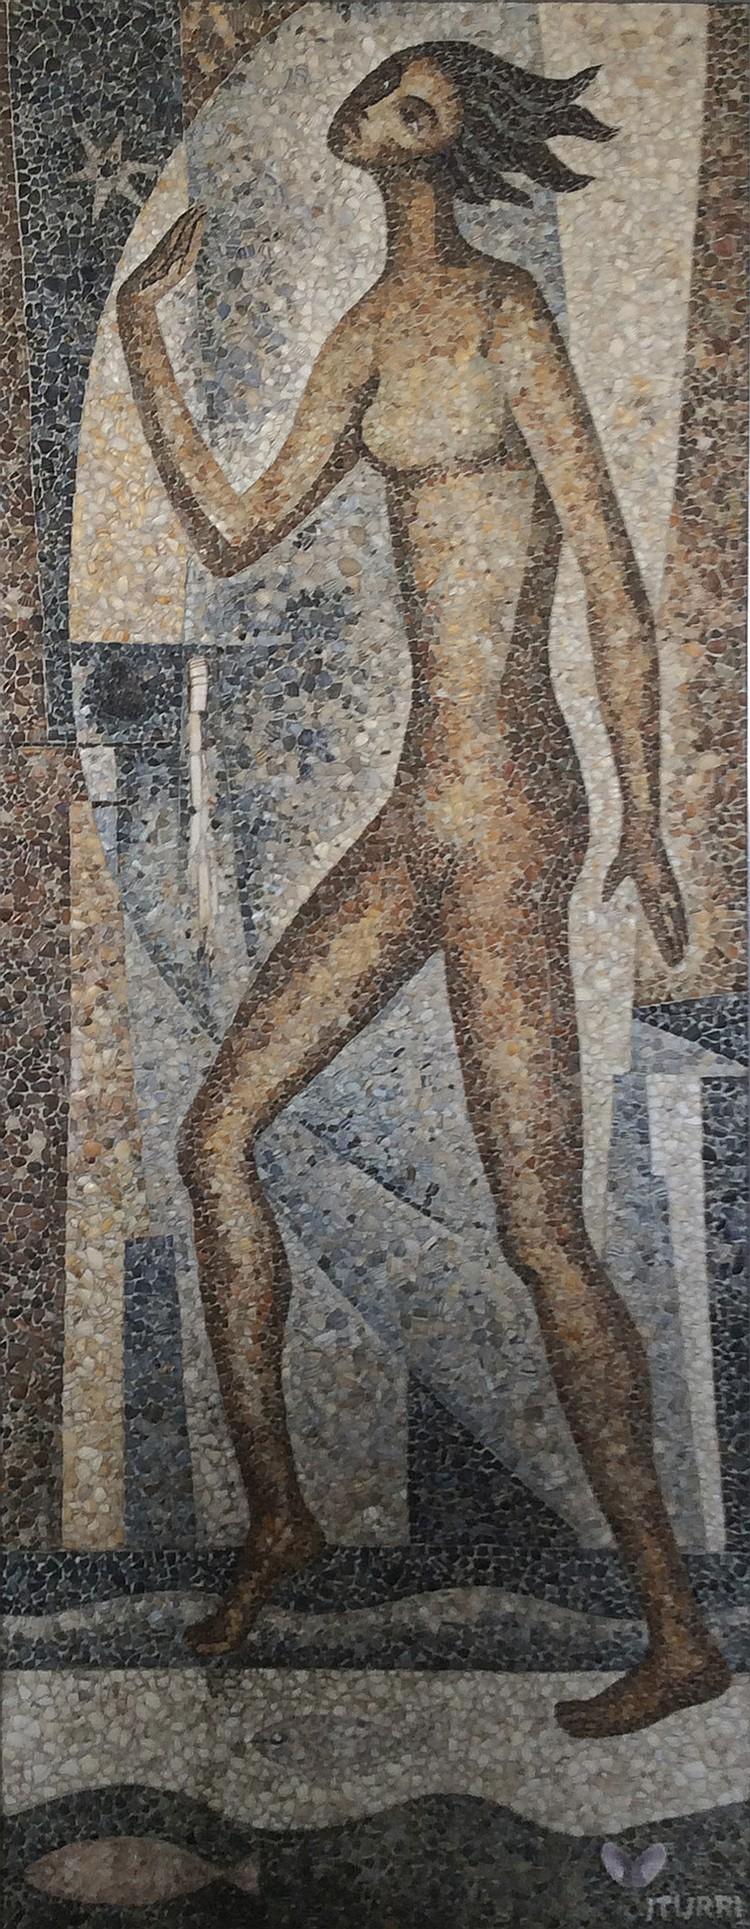 MANUEL ITURRI (1897 - 1967)